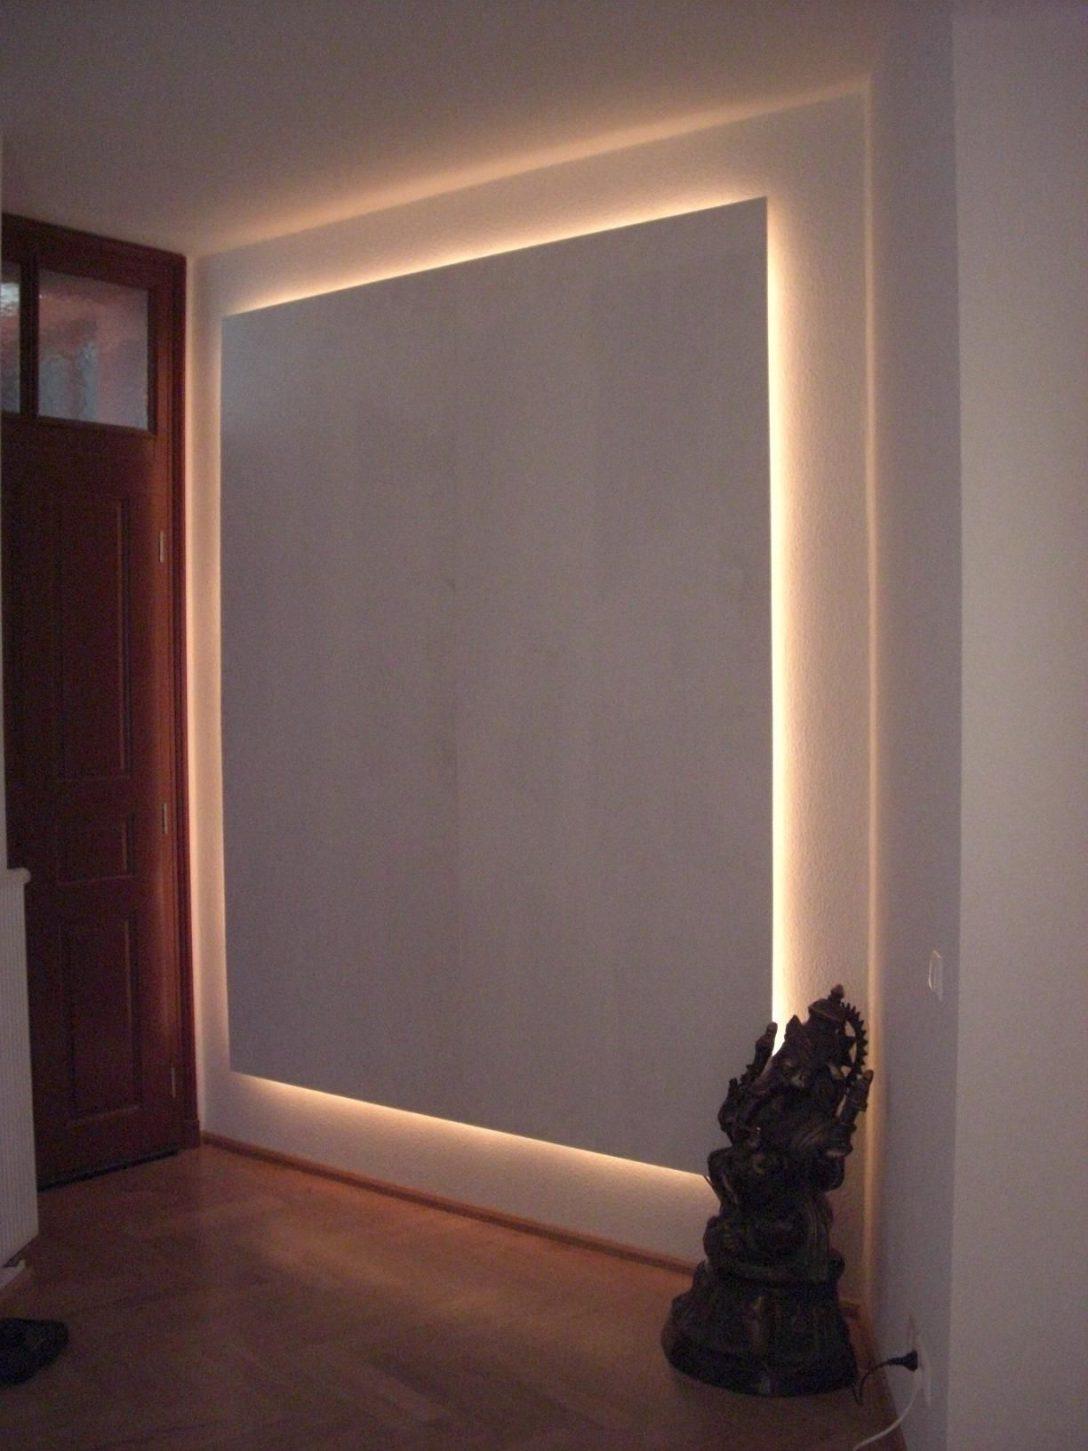 Large Size of Indirekte Beleuchtung Wohnzimmer Boden Indirekte Beleuchtung Wohnzimmer Selber Bauen Indirekte Beleuchtung Wohnzimmer Ecke Indirekte Beleuchtung Wohnzimmer Ideen Wohnzimmer Indirekte Beleuchtung Wohnzimmer